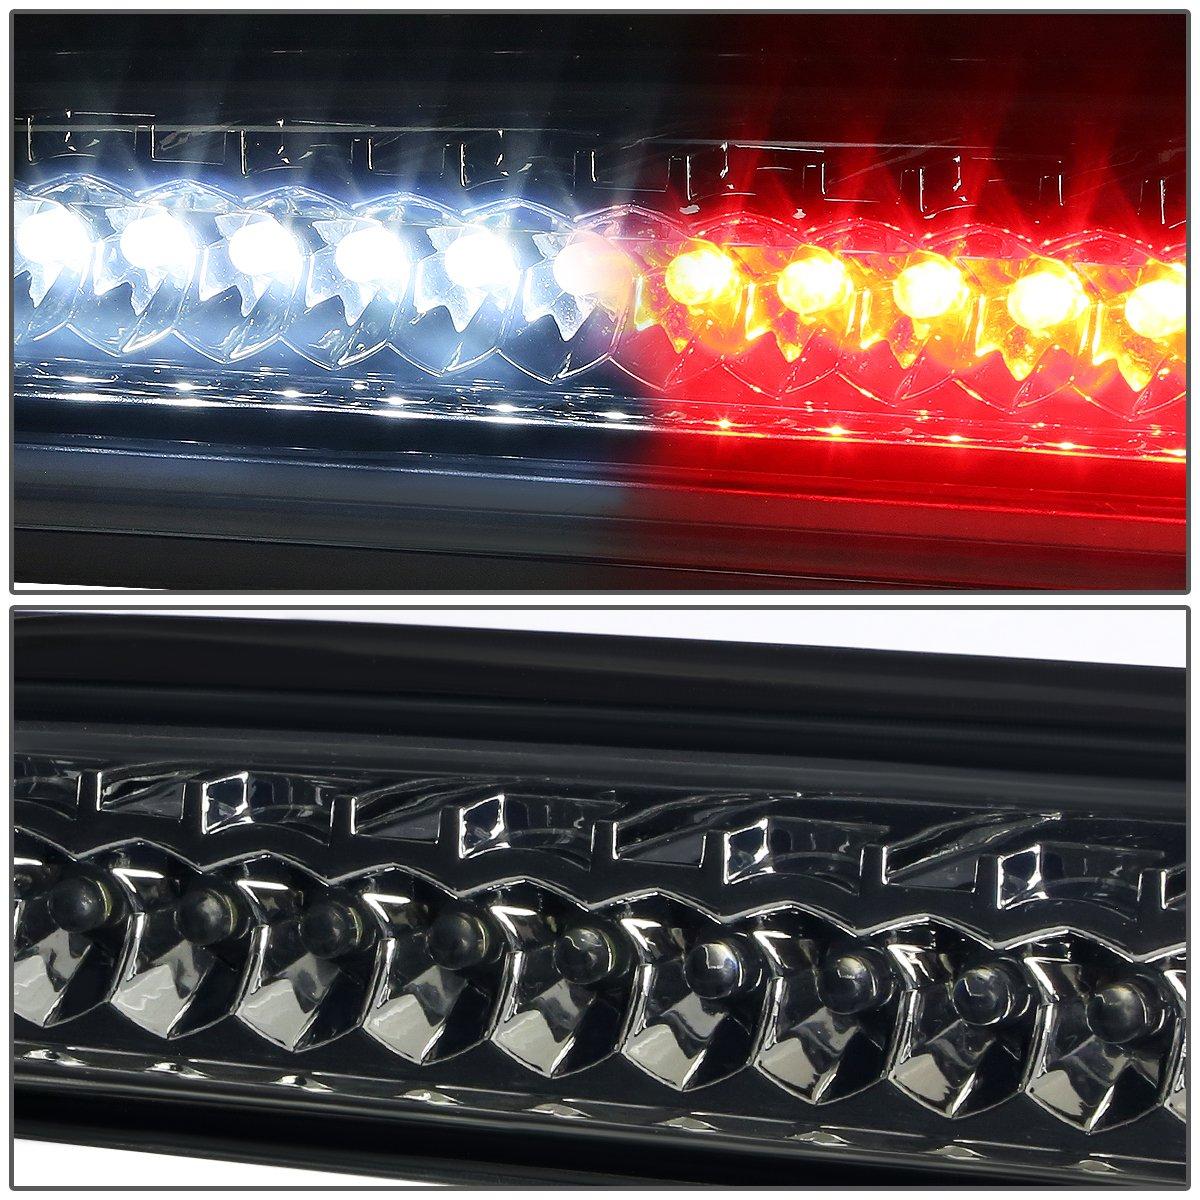 DNA MOTORING 3BL-NF05-LED-T2-BK-SM Third Brake Light